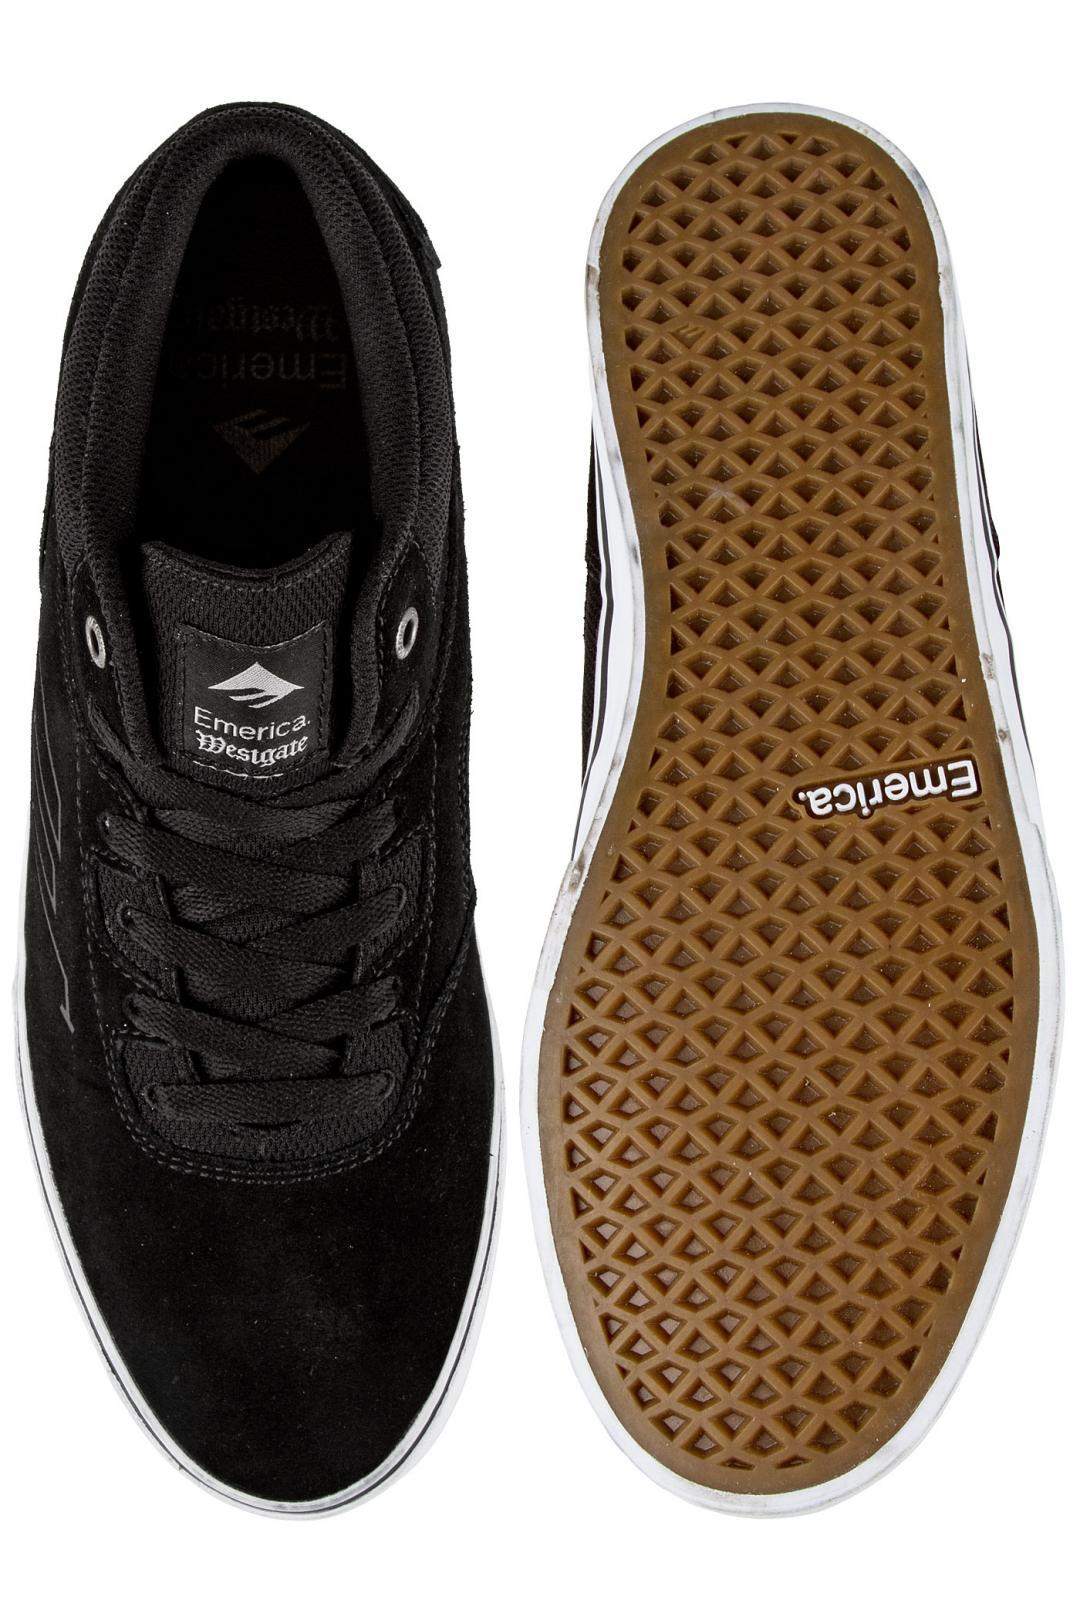 Uomo Emerica The Westgate Mid Vulc Suede black white | Sneaker